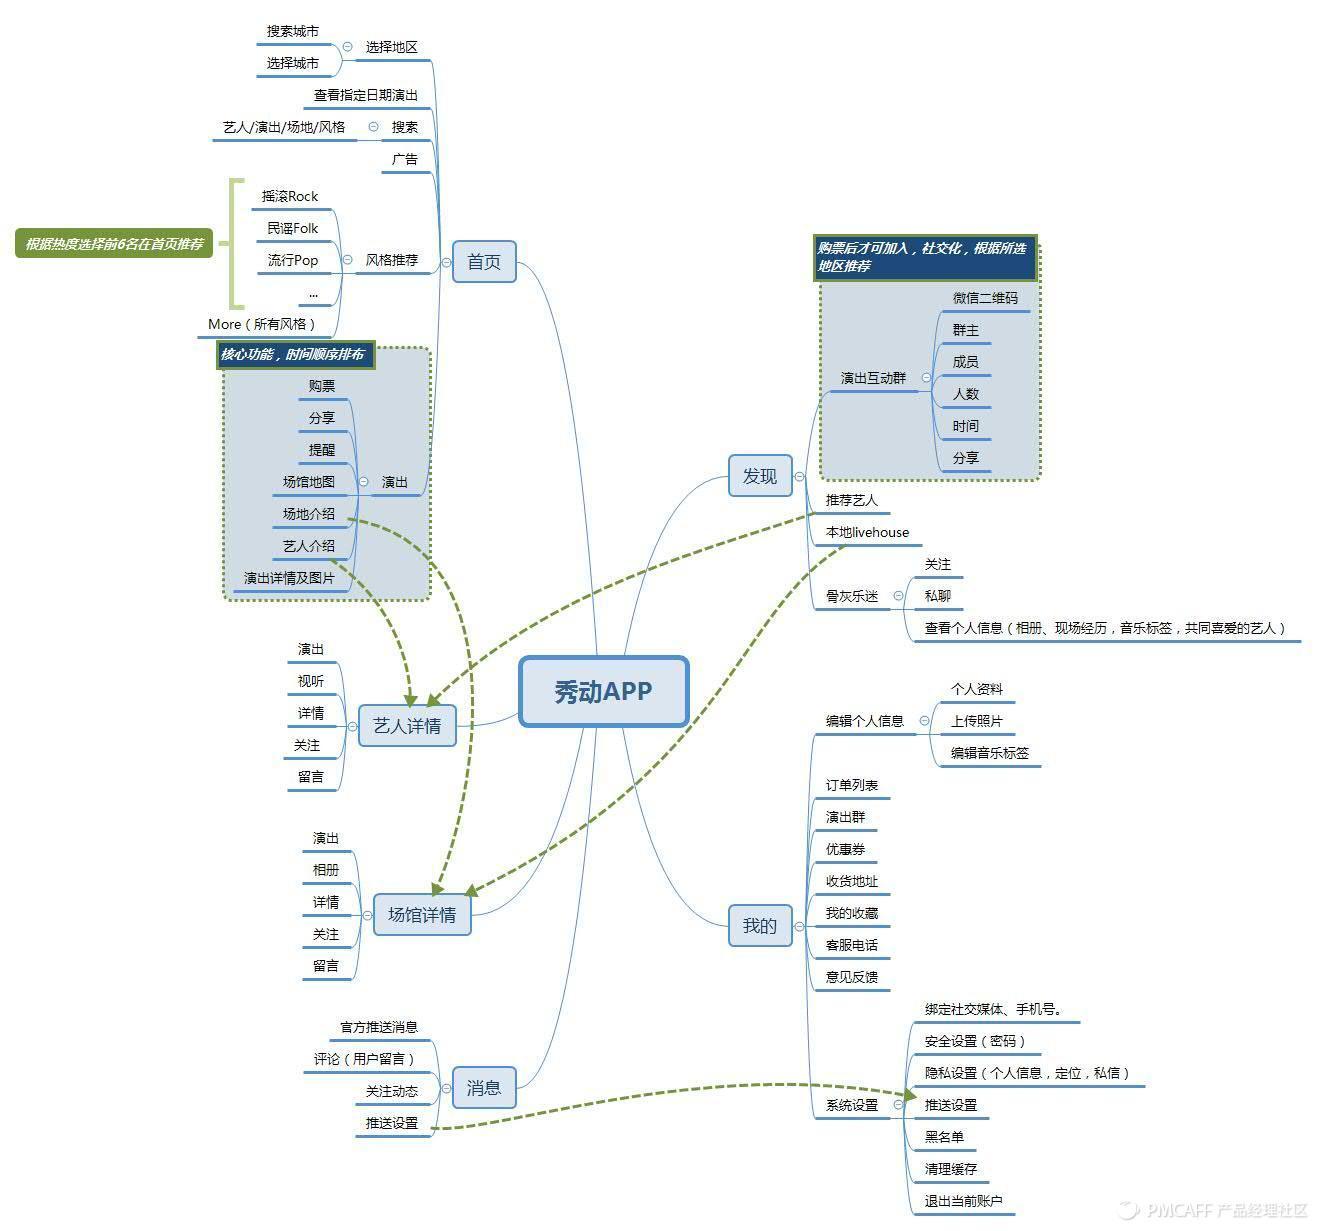 秀动APP产品结构图.jpg